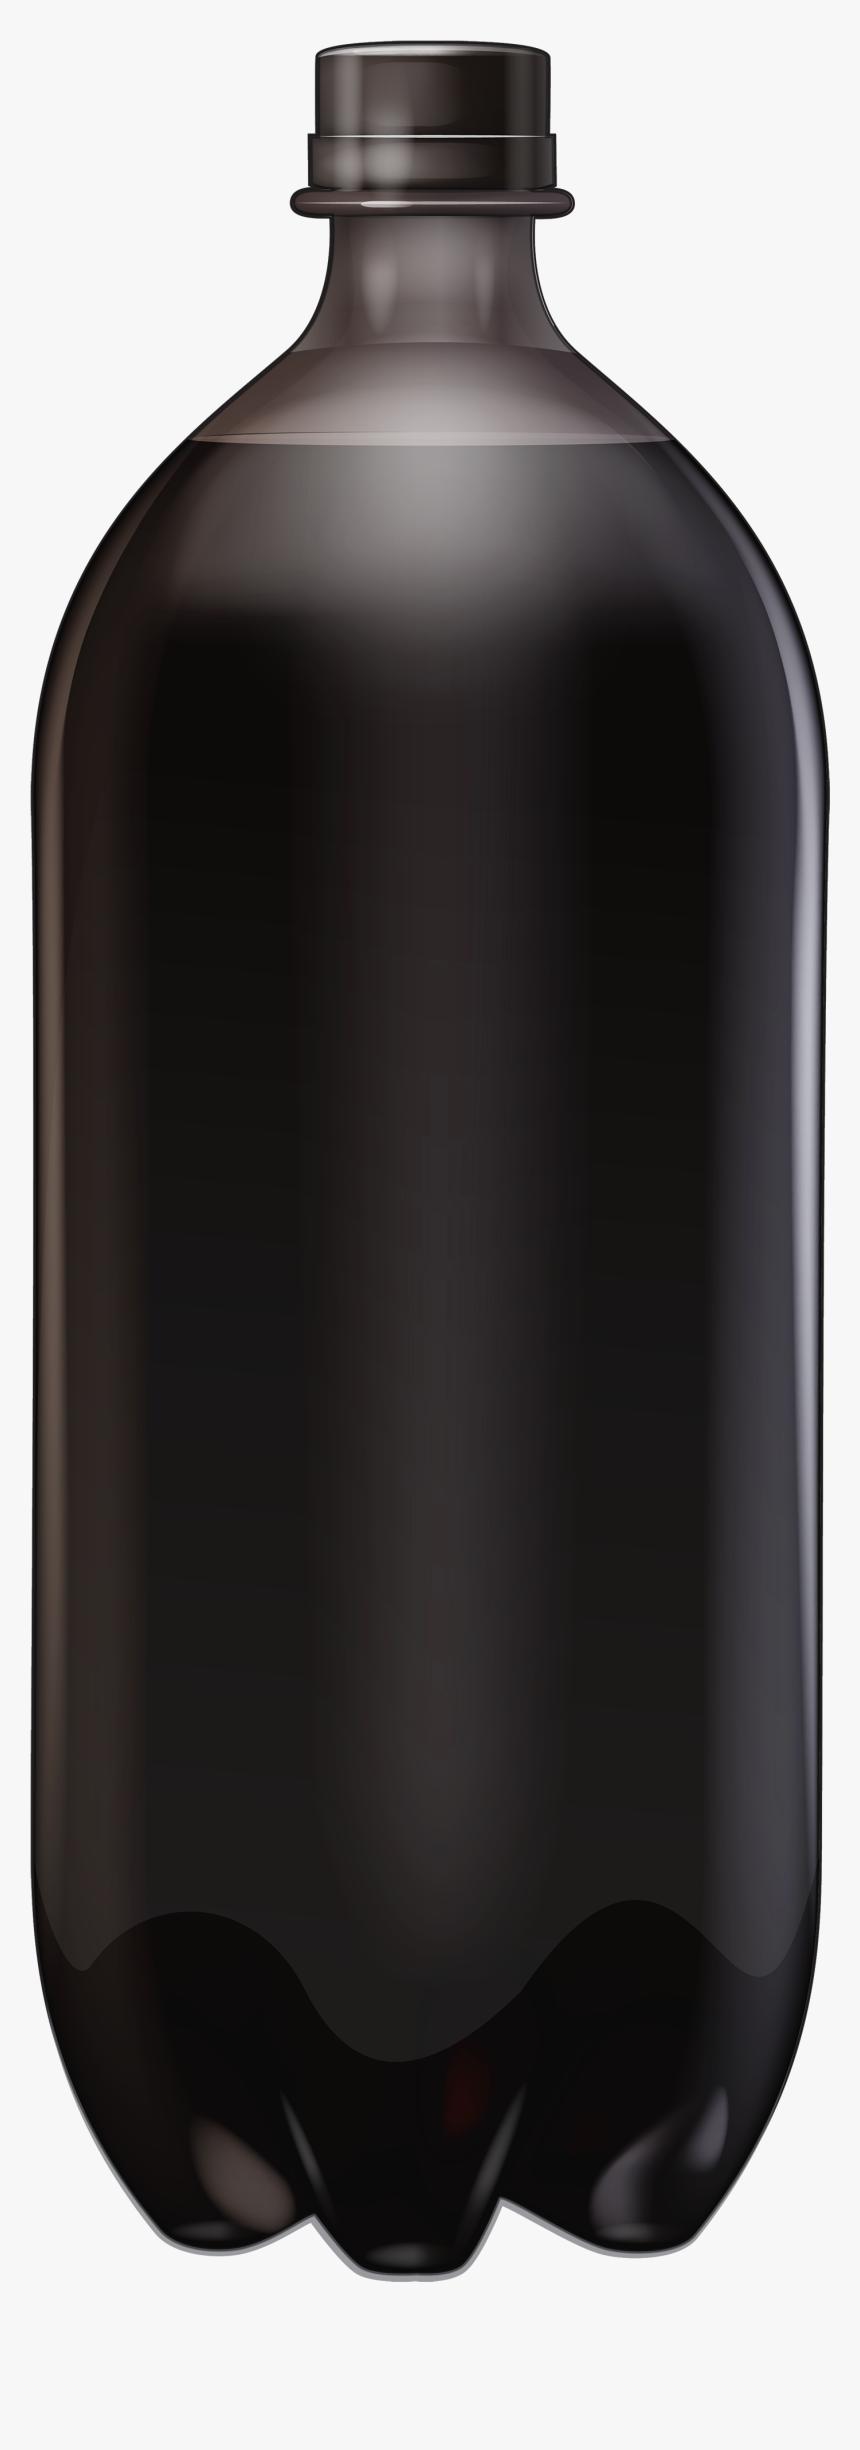 Large Black Bottle Png Clipart - Smartphone, Transparent Png, Free Download